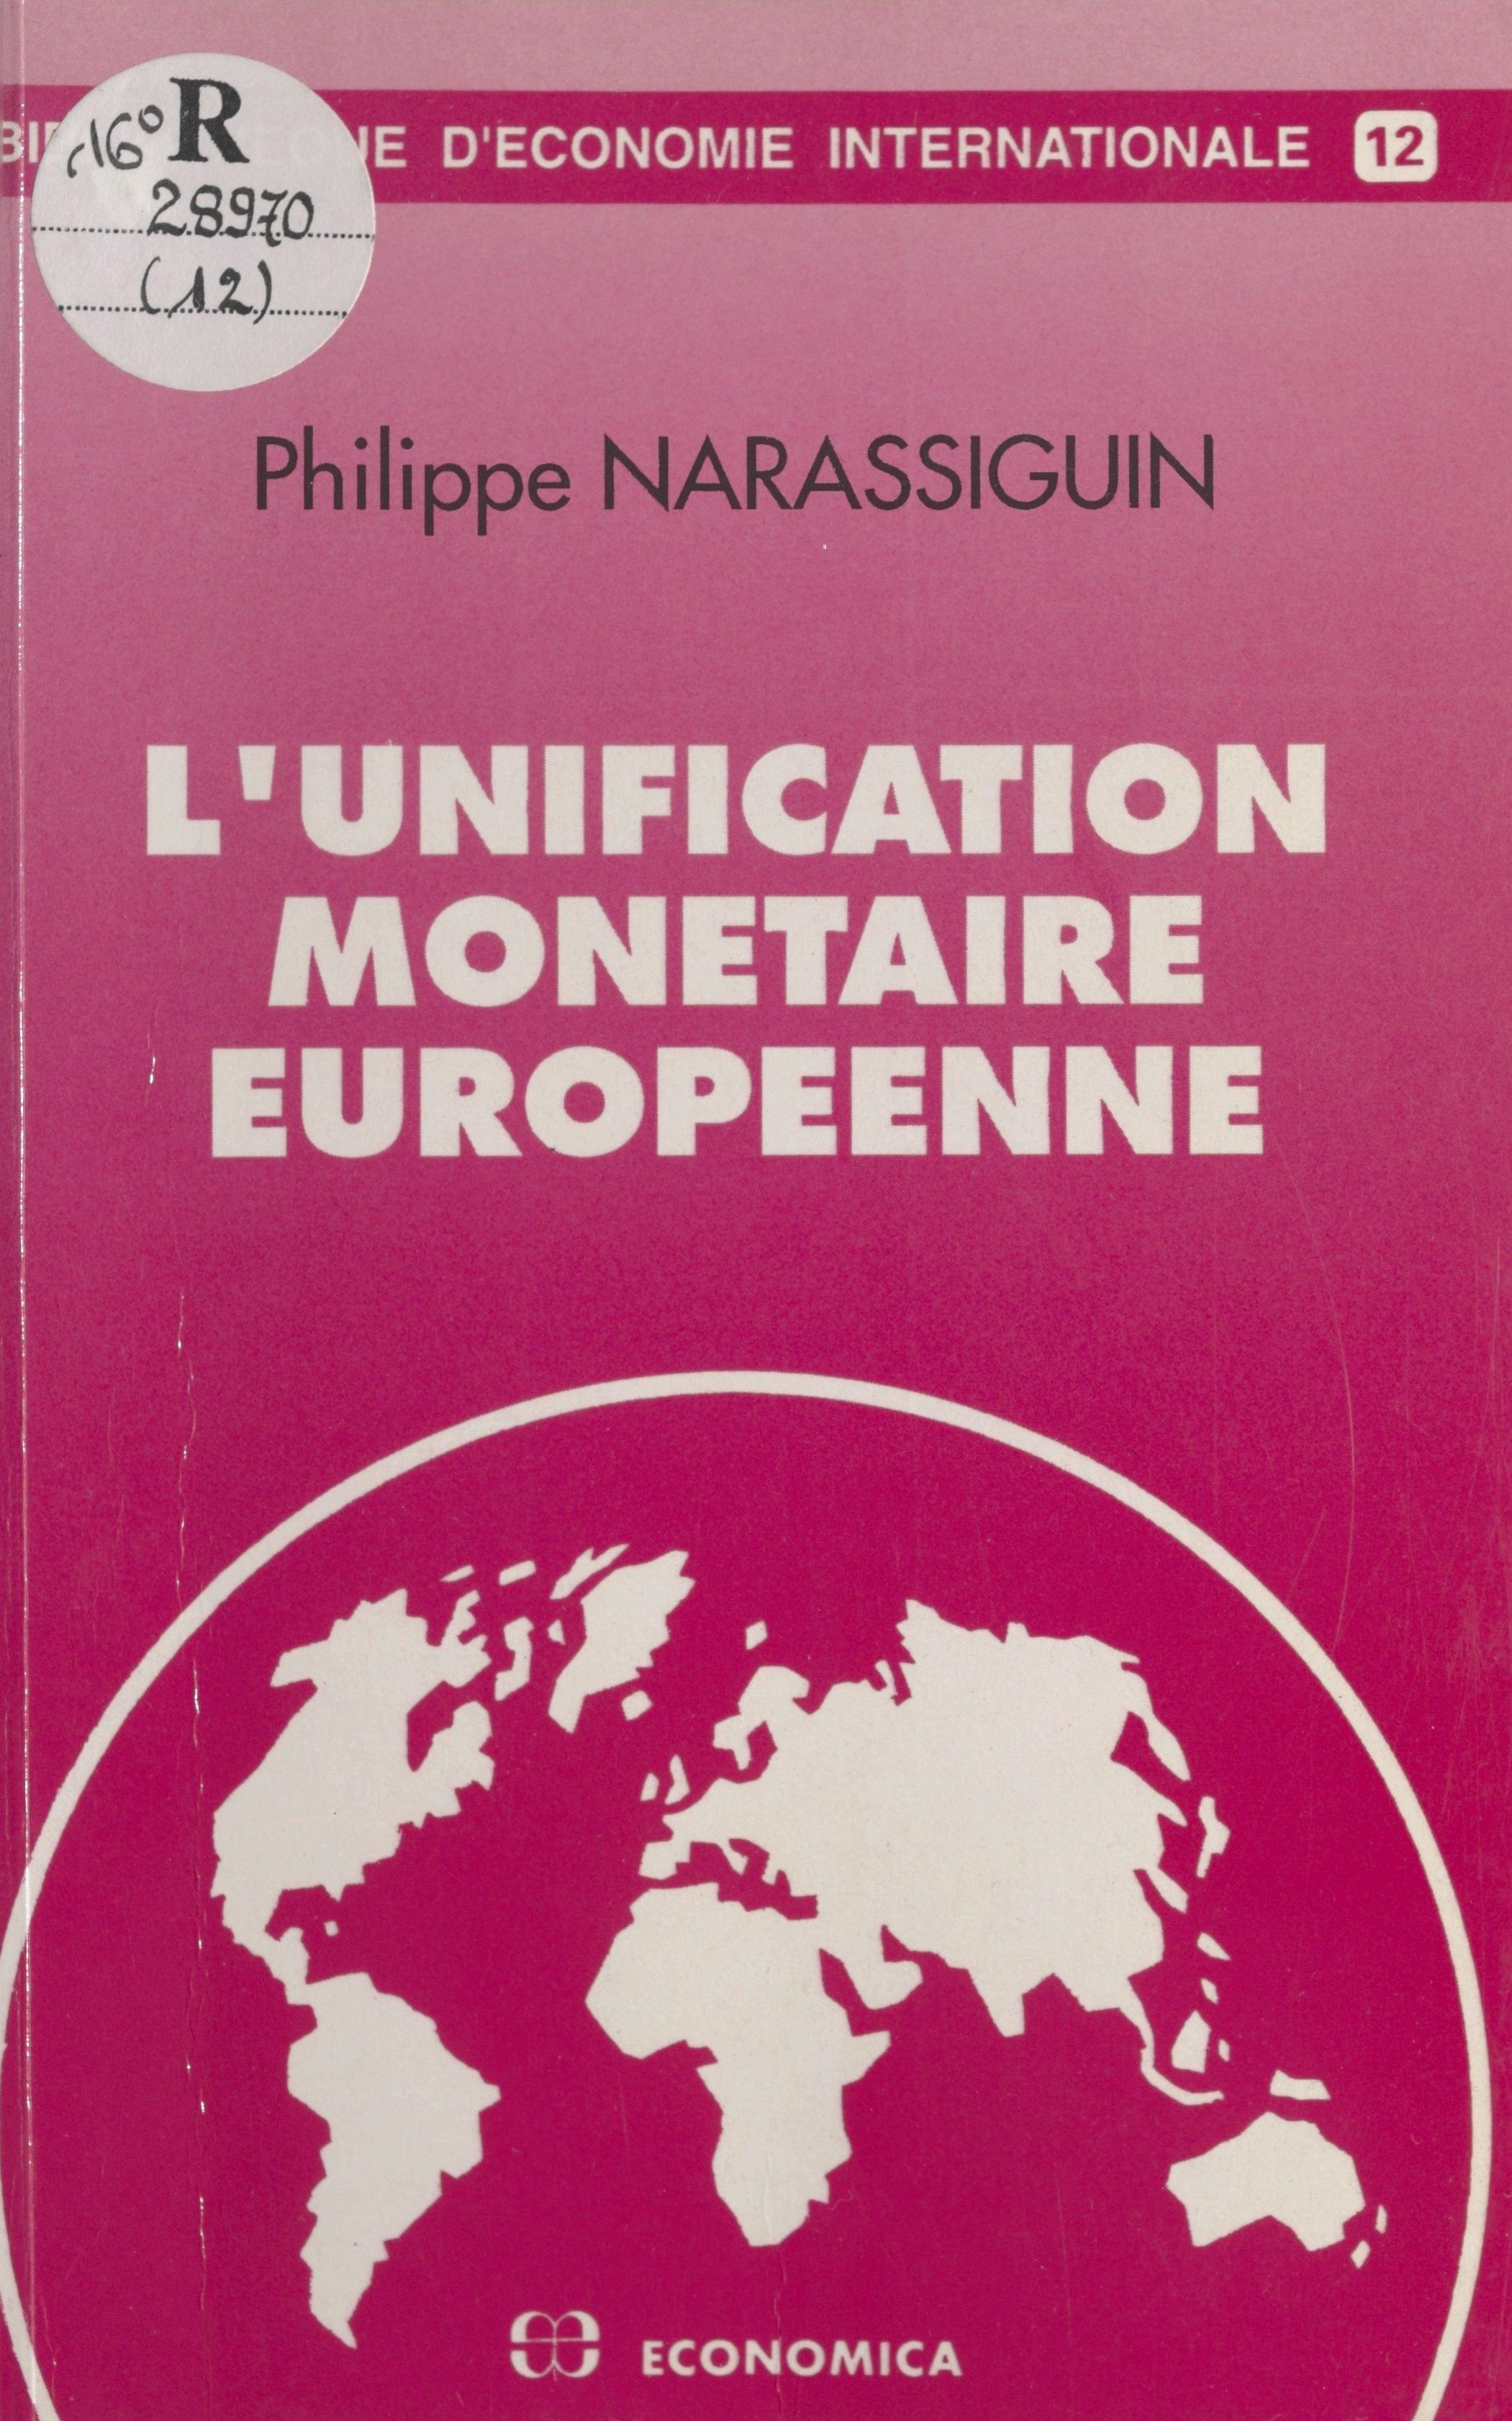 L'Unification monétaire européenne